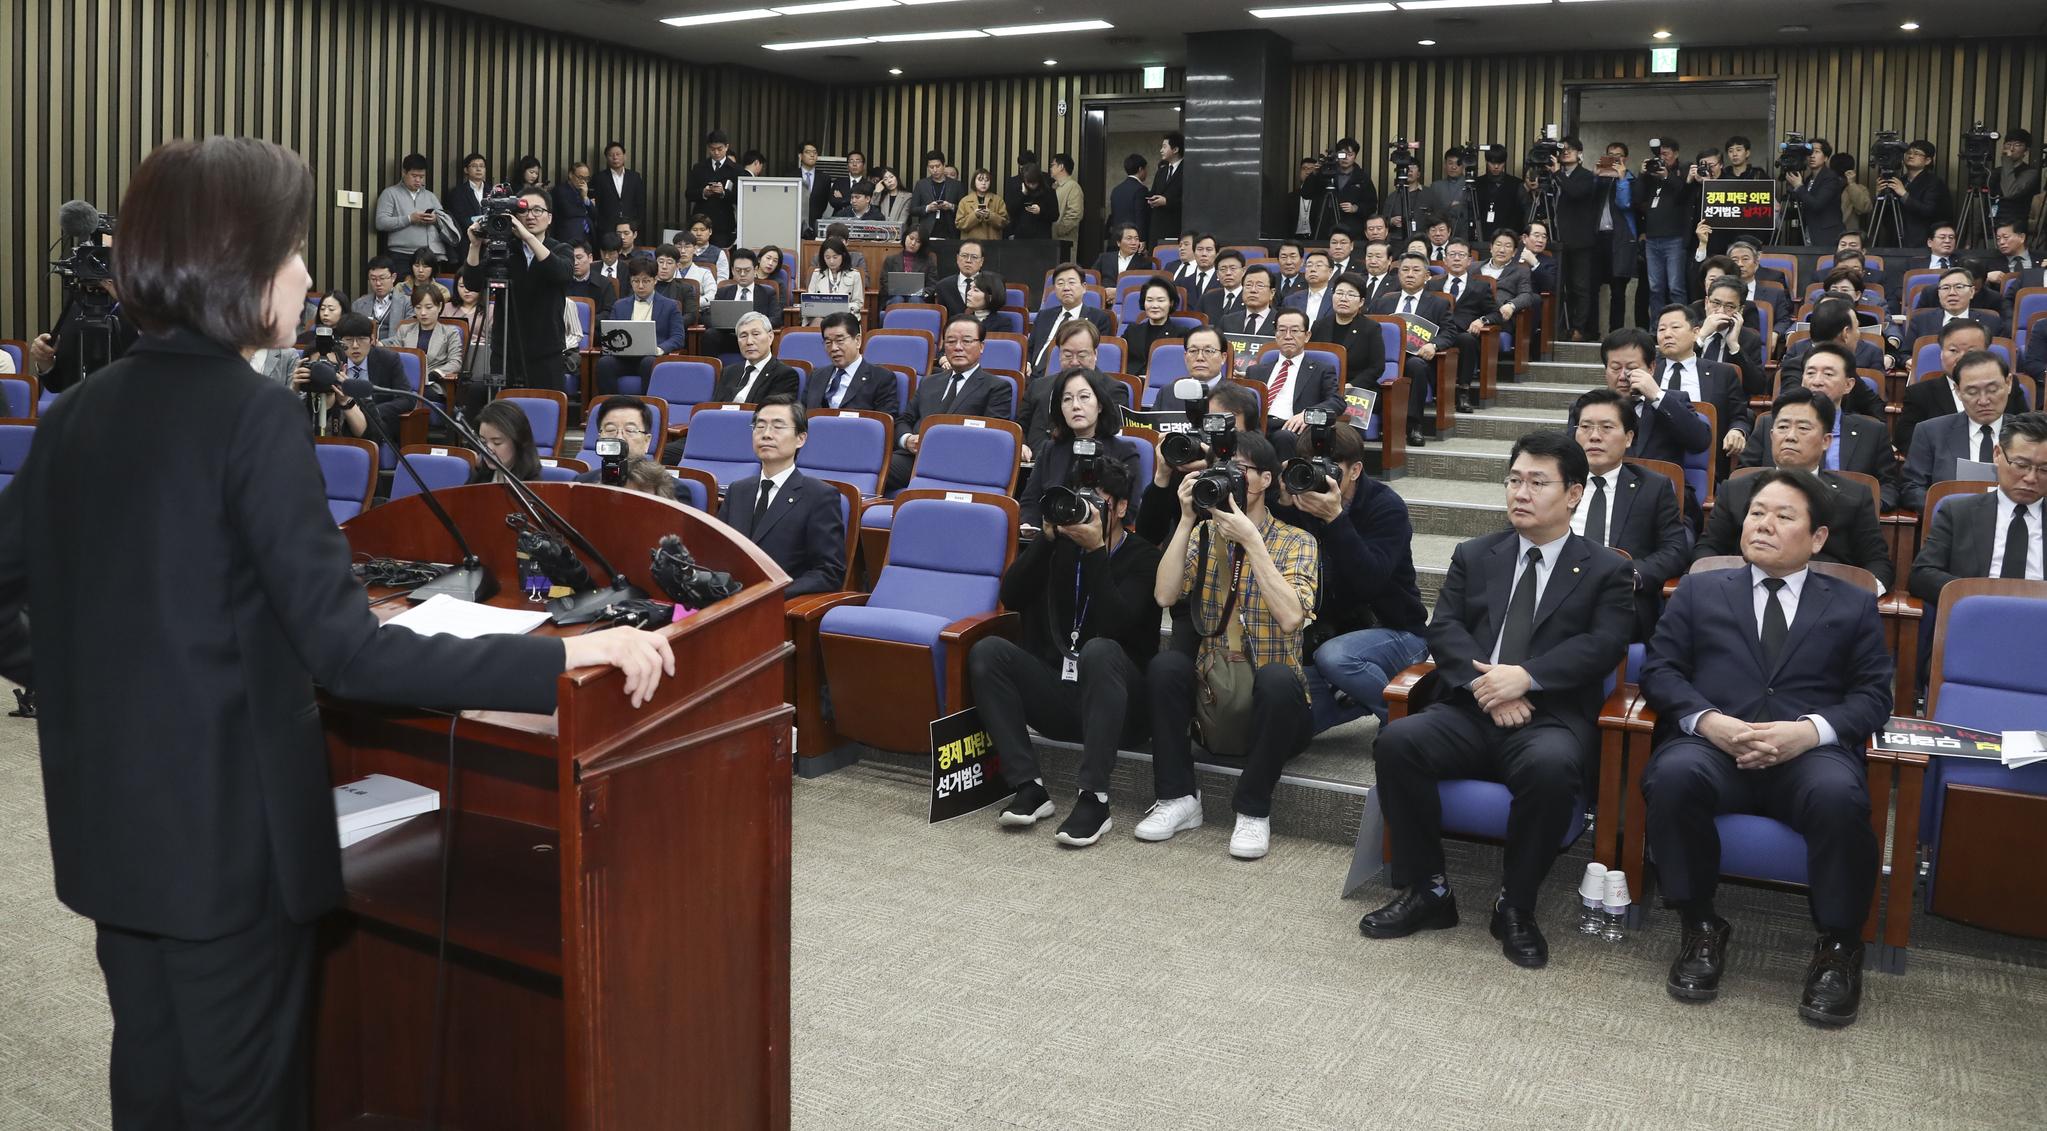 나경원 원내대표를 비롯한 자유한국당 의원들이 15일 오전 국회에서 열린 긴급의원총회에서 모두발언을 하고 있다.  임현동 기자